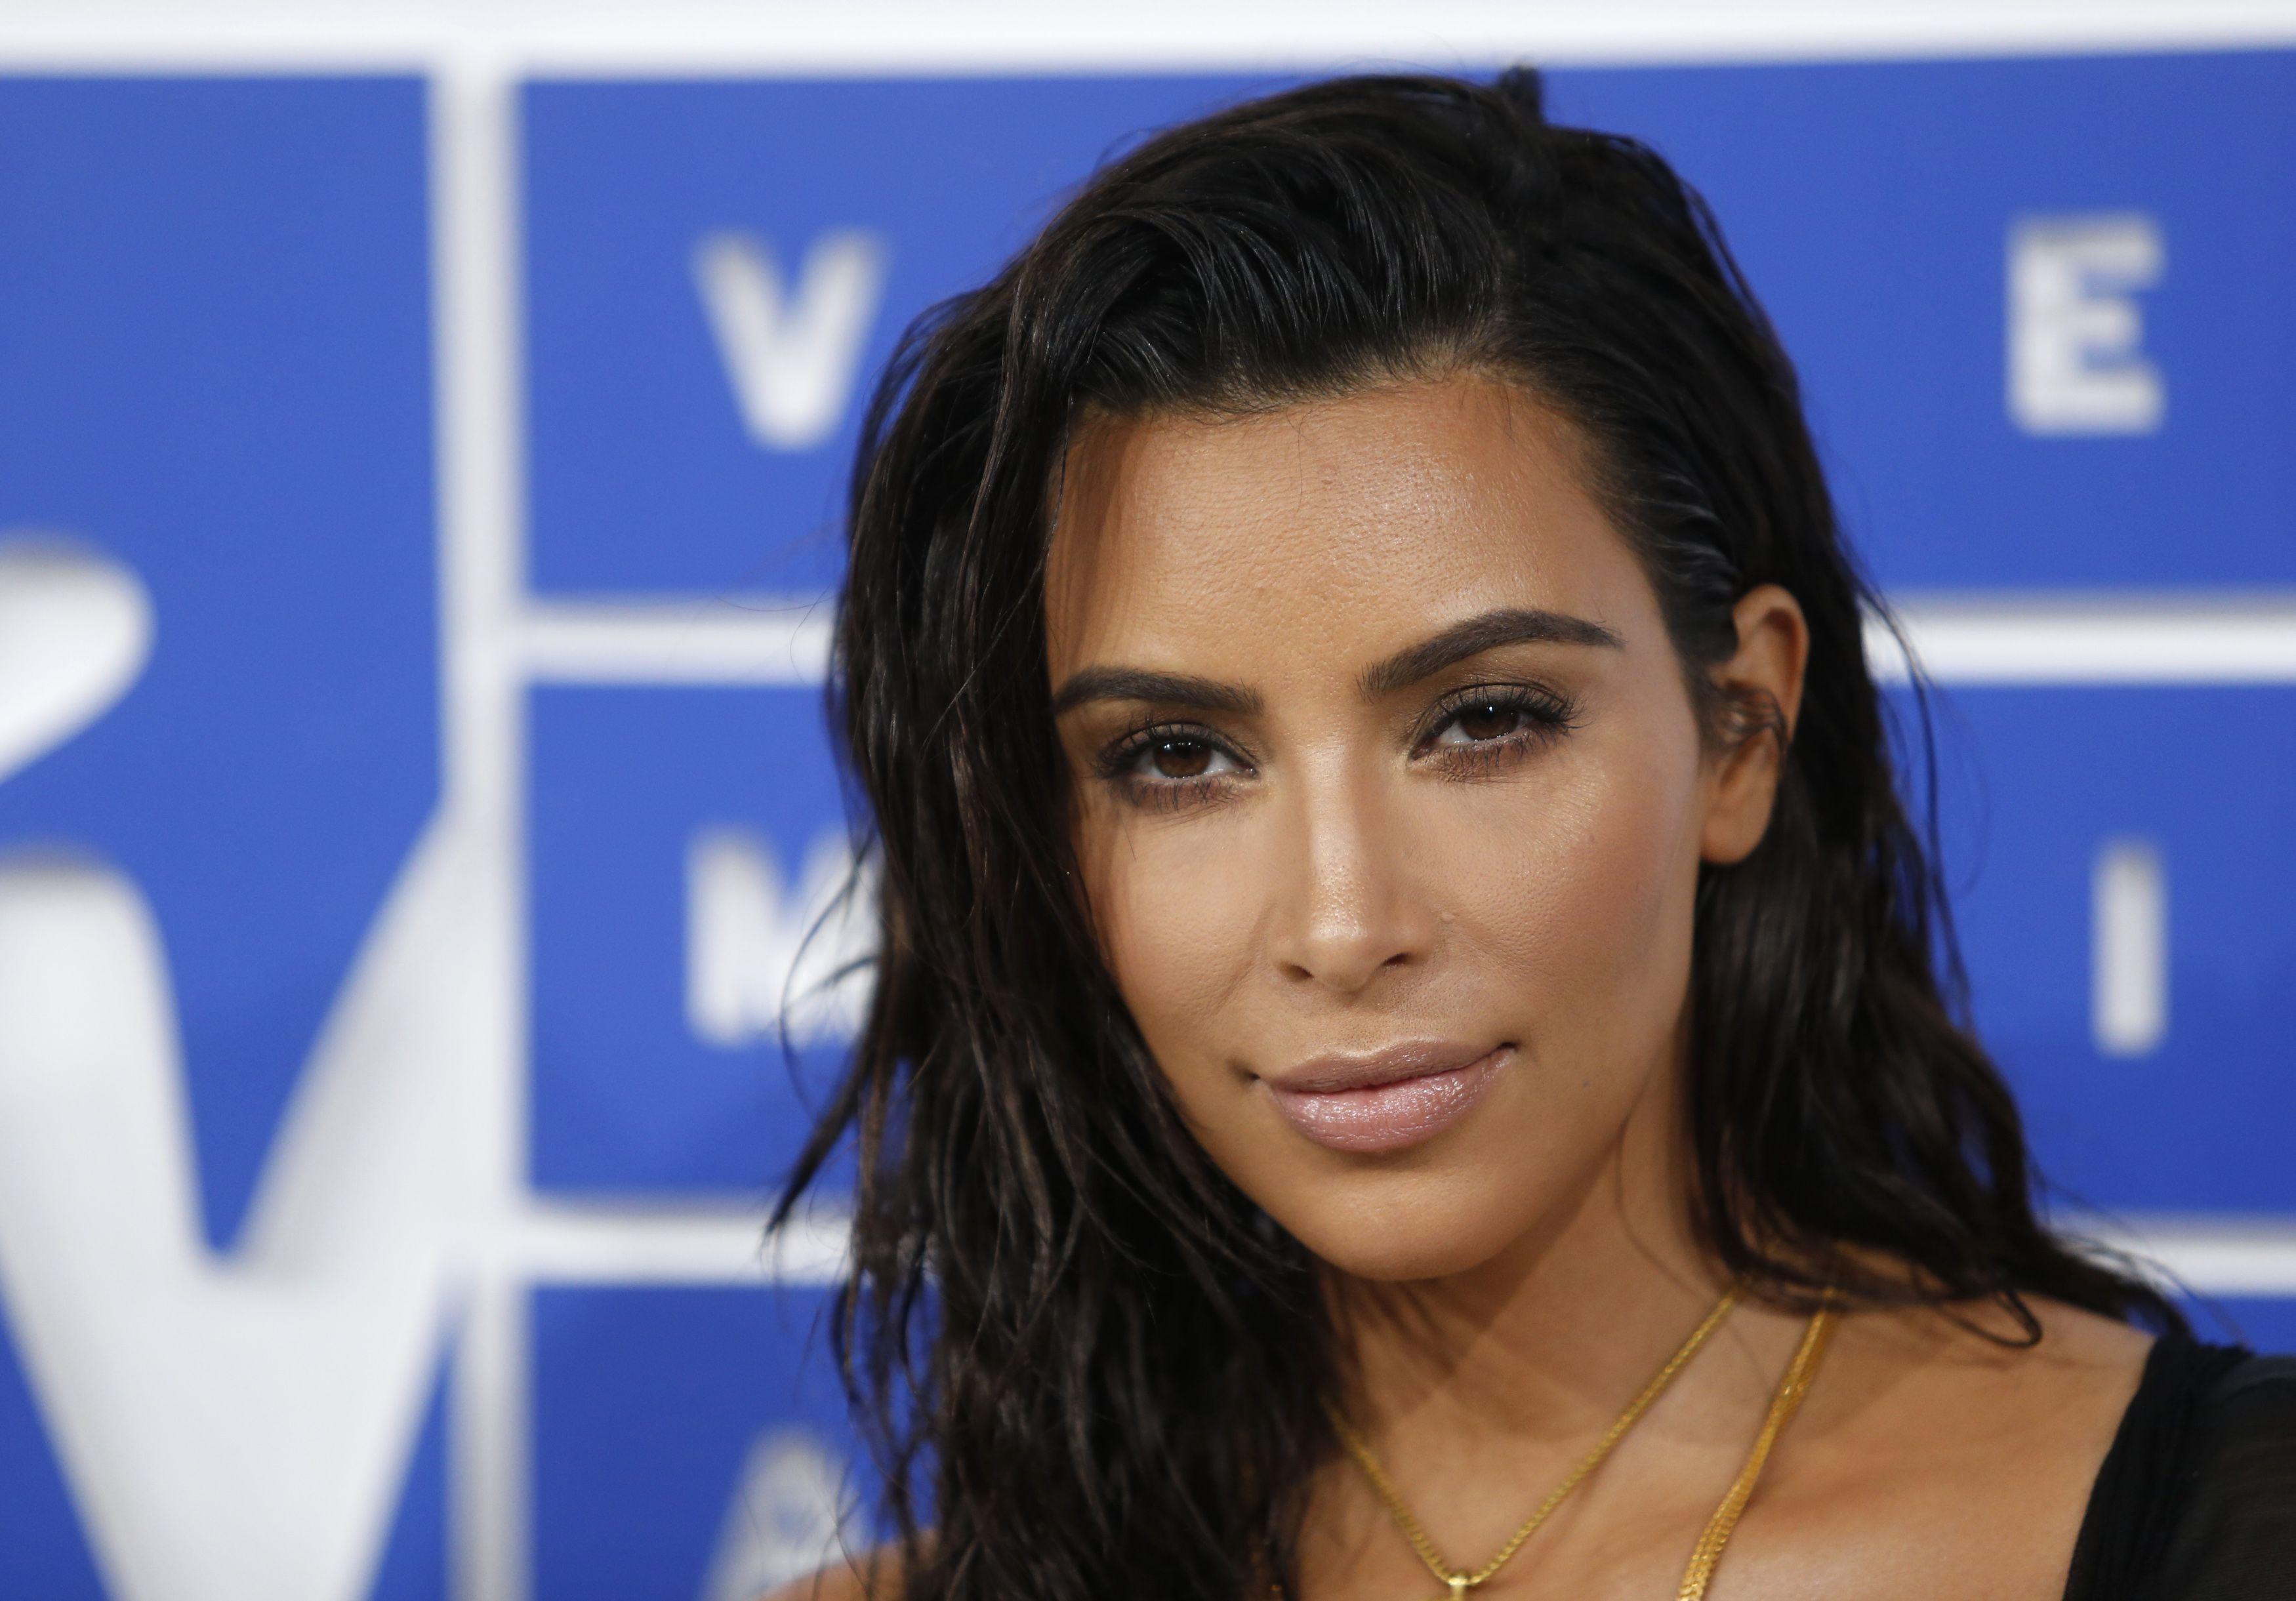 Le retour de Kim Kardashian sur les réseaux sociaux aurait été une erreur